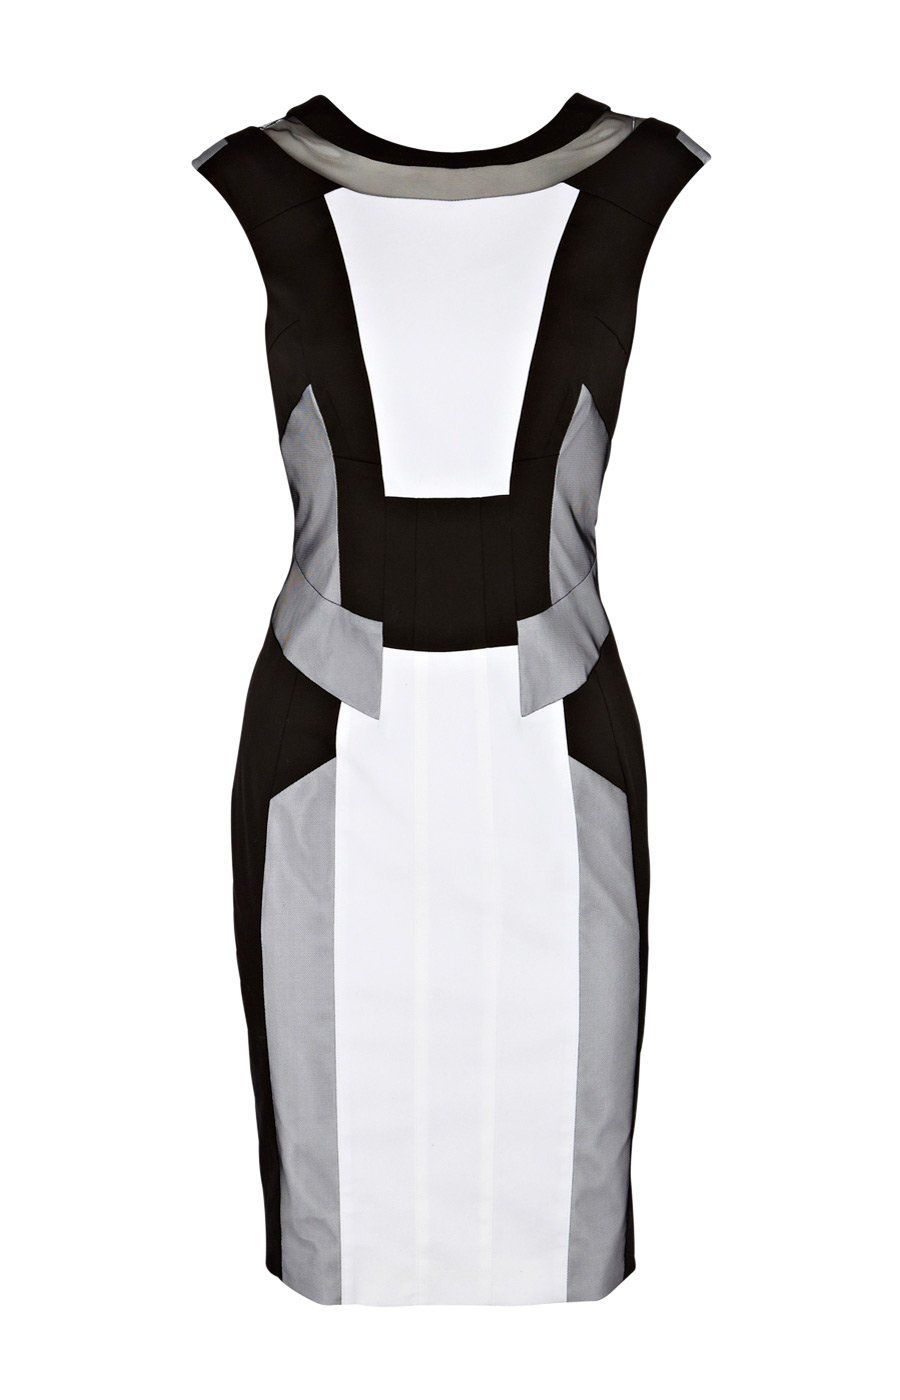 a30e4be6540 Karen Millen, Panel Dress, Colorblock Dress, Trendy Clothes For Women